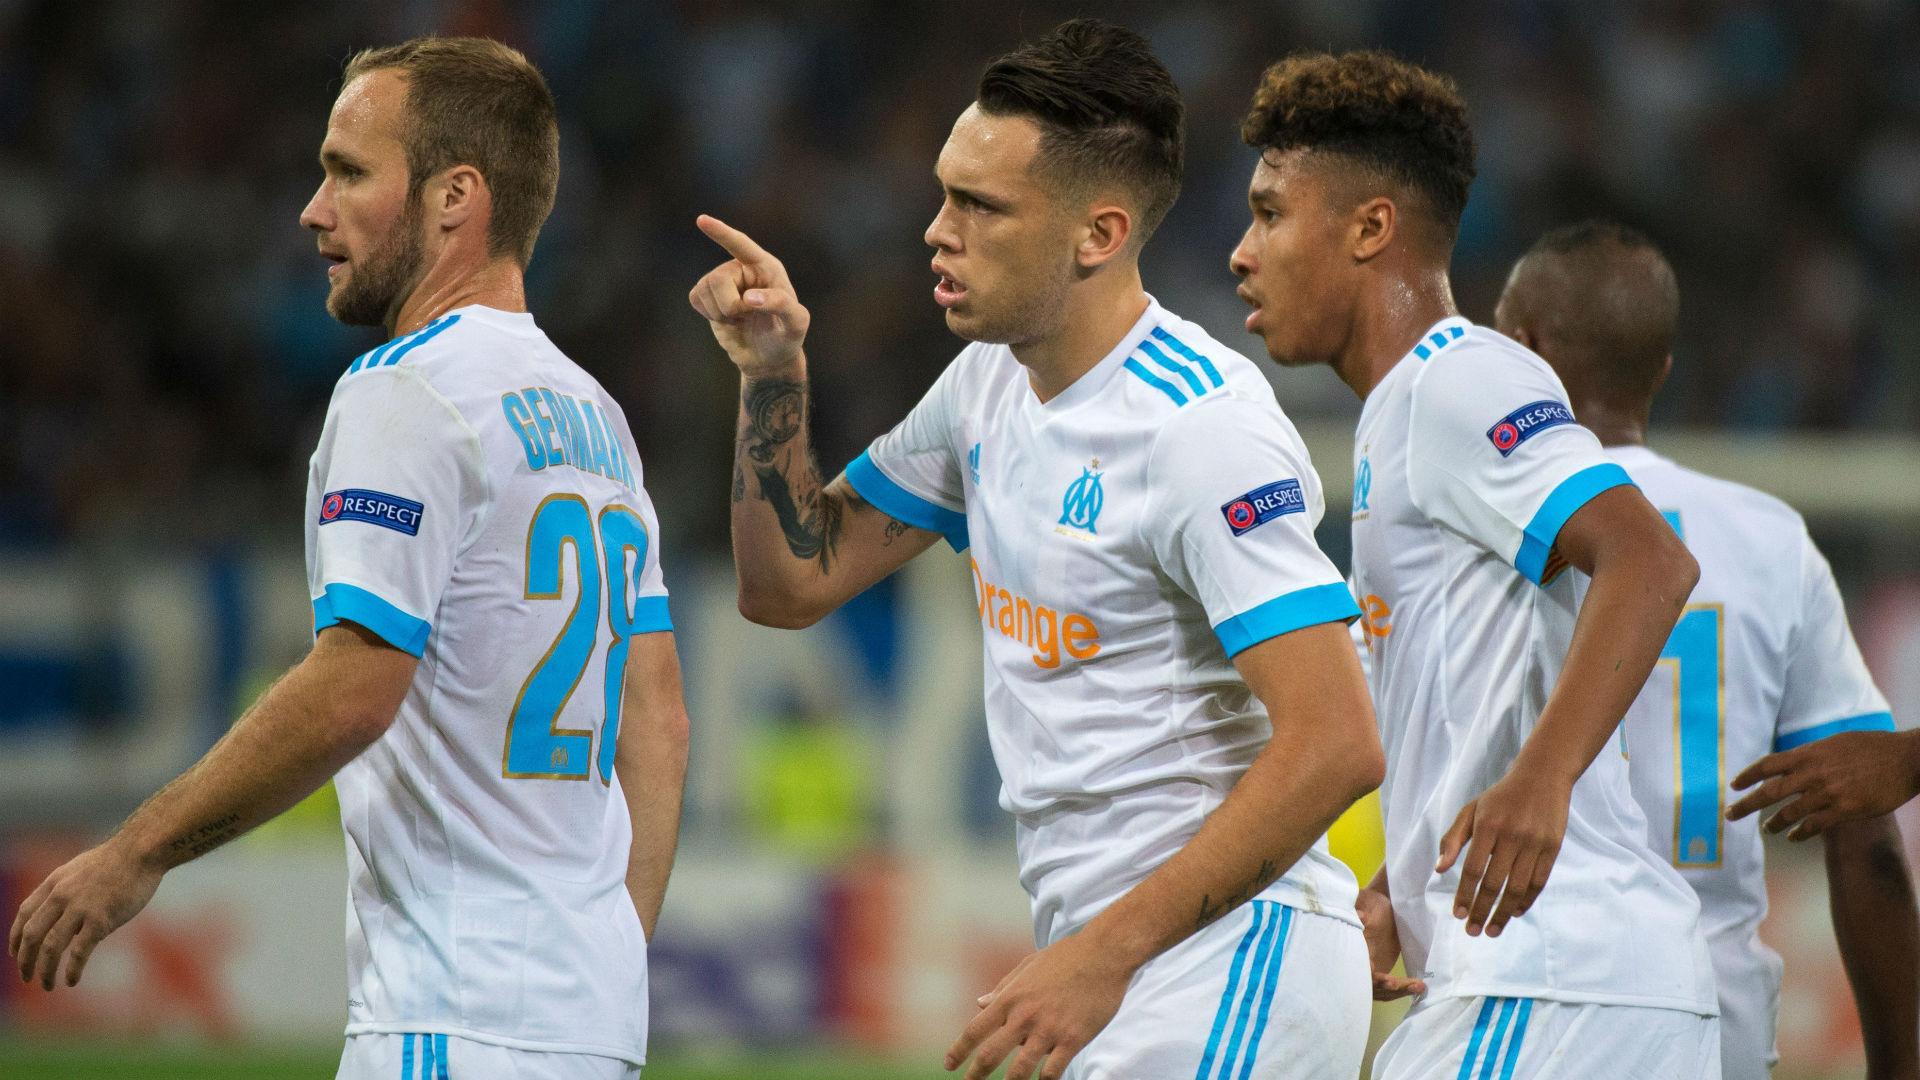 Foot - Ligue 1 (2019-2020) - Le PSG commencera par Nîmes au Parc